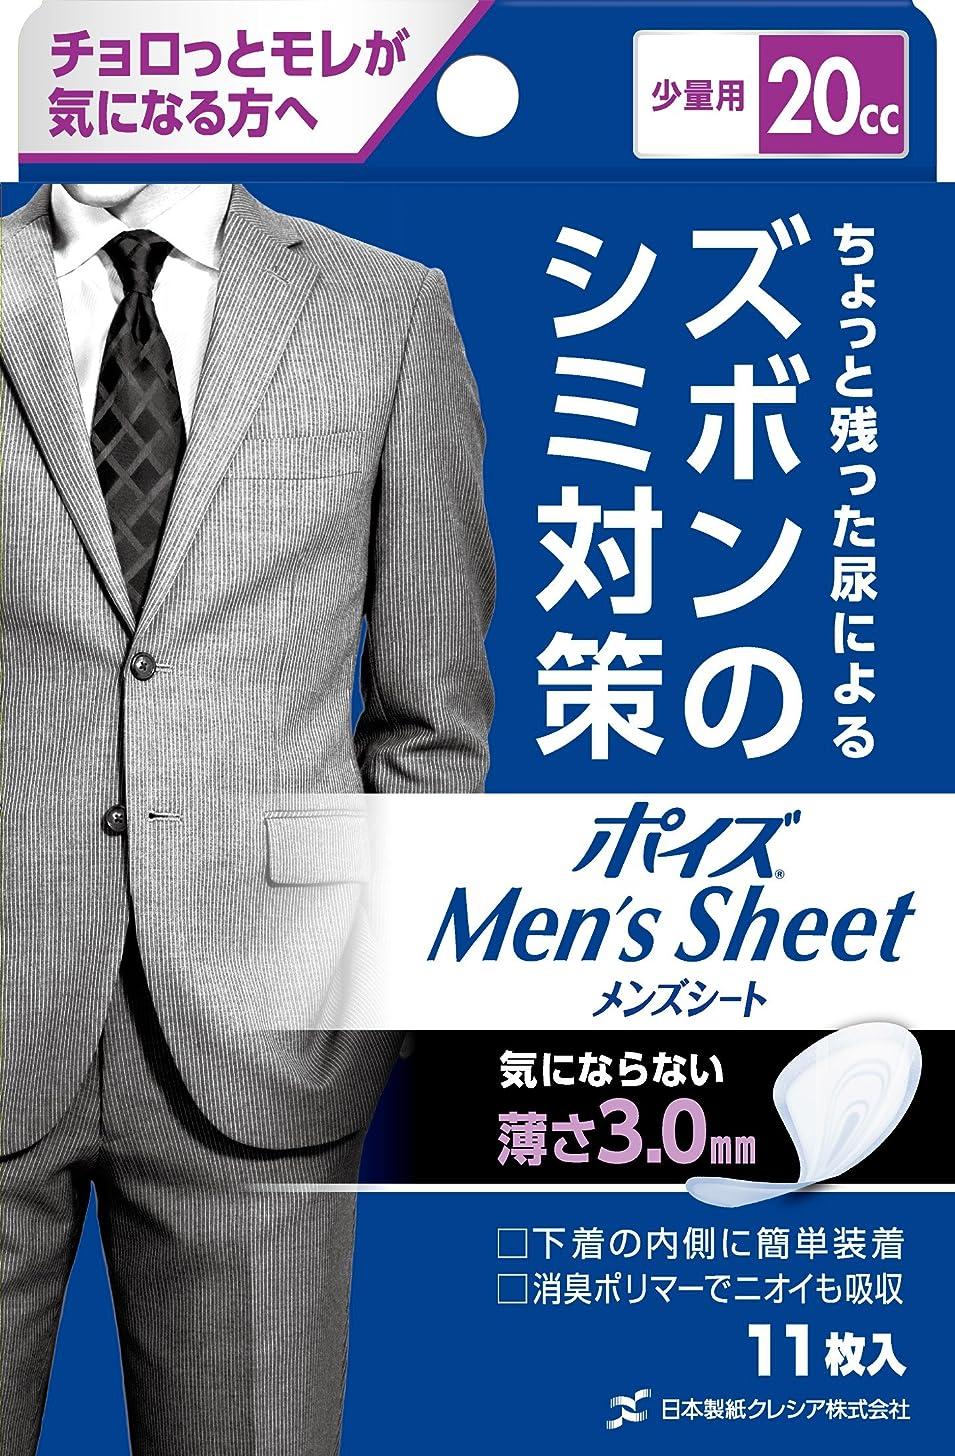 天吸い込む適切にポイズ メンズシート 少量タイプ20cc 12.5×19cm 11枚 【男性用 ズボンのシミ対策】